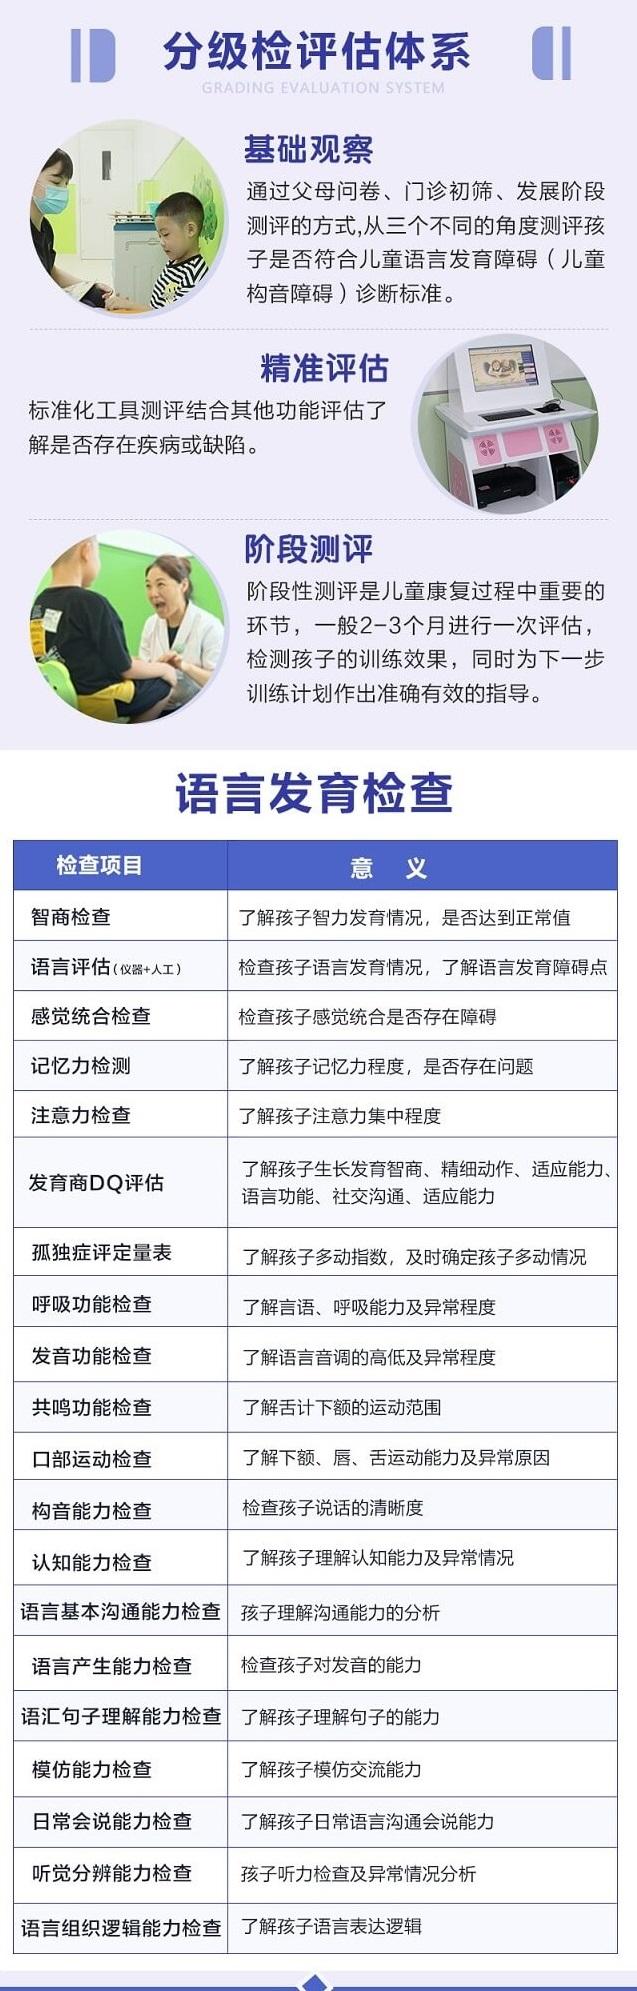 广安有没有语言康复中心? 图1